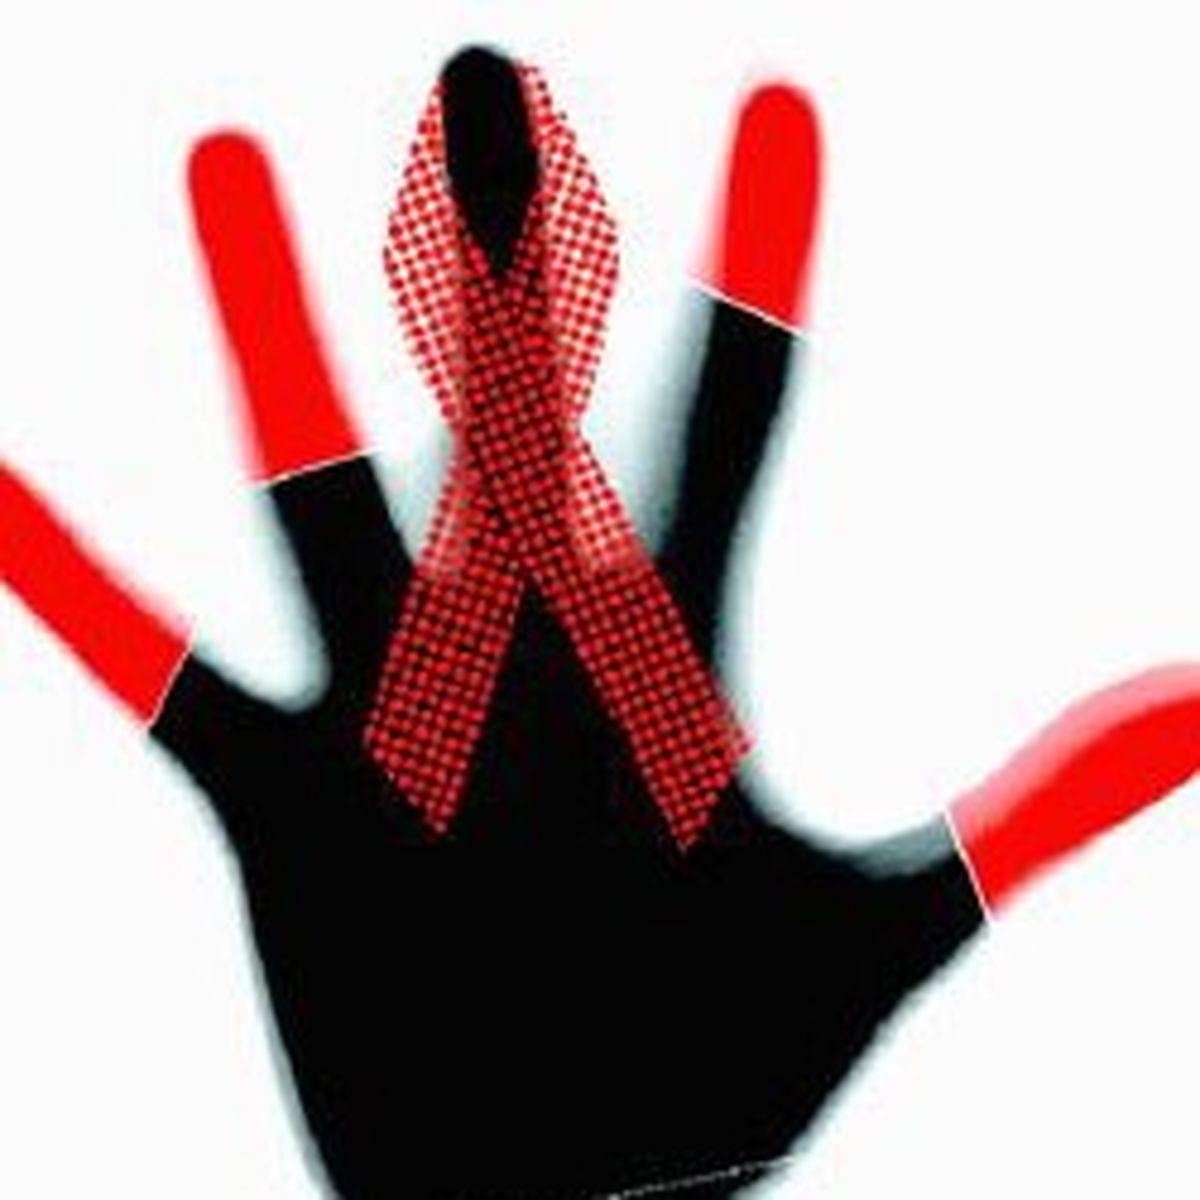 تشخیص اچ. آی. وی با استفاده از اسکن ام. آر.آی